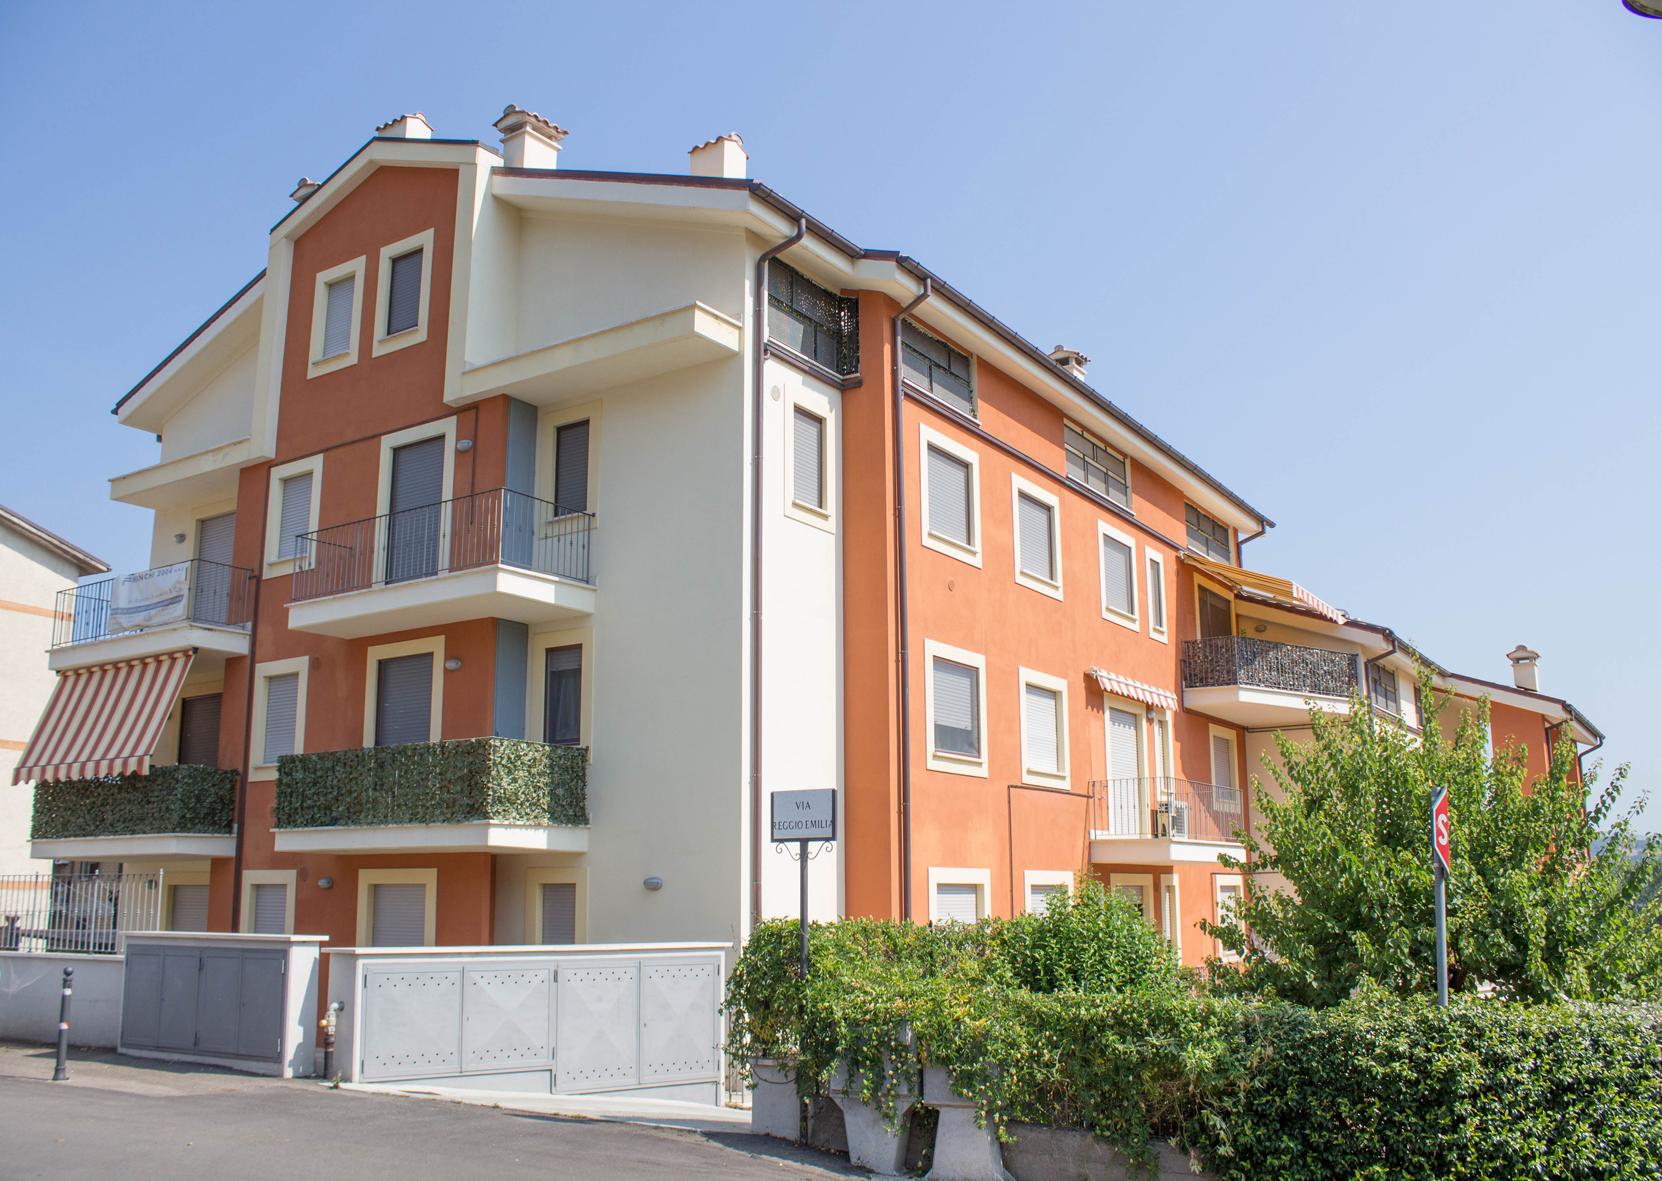 Appartamento in vendita a Orte, 3 locali, zona Località: OrteScalo, prezzo € 143.000 | Cambio Casa.it